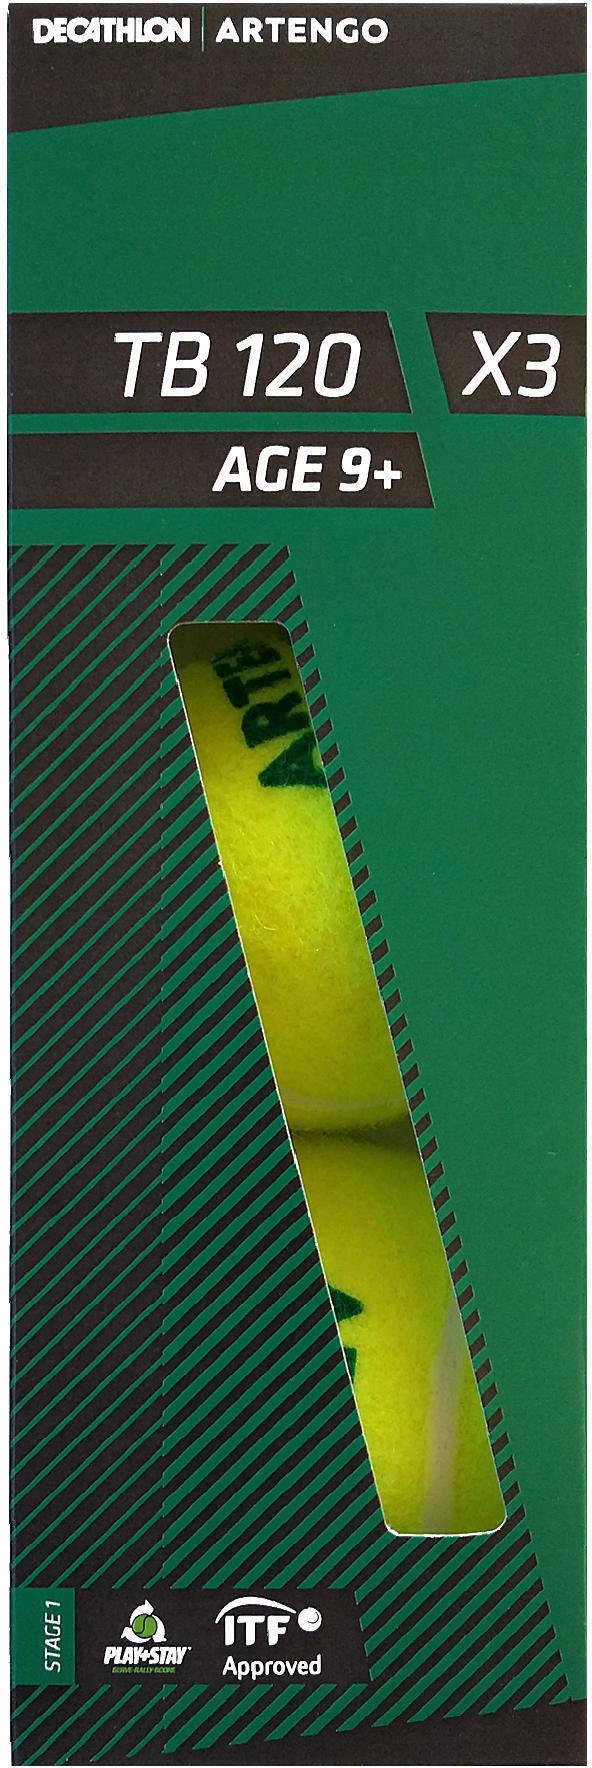 Piłka do tenisa Artengo TB120 x3